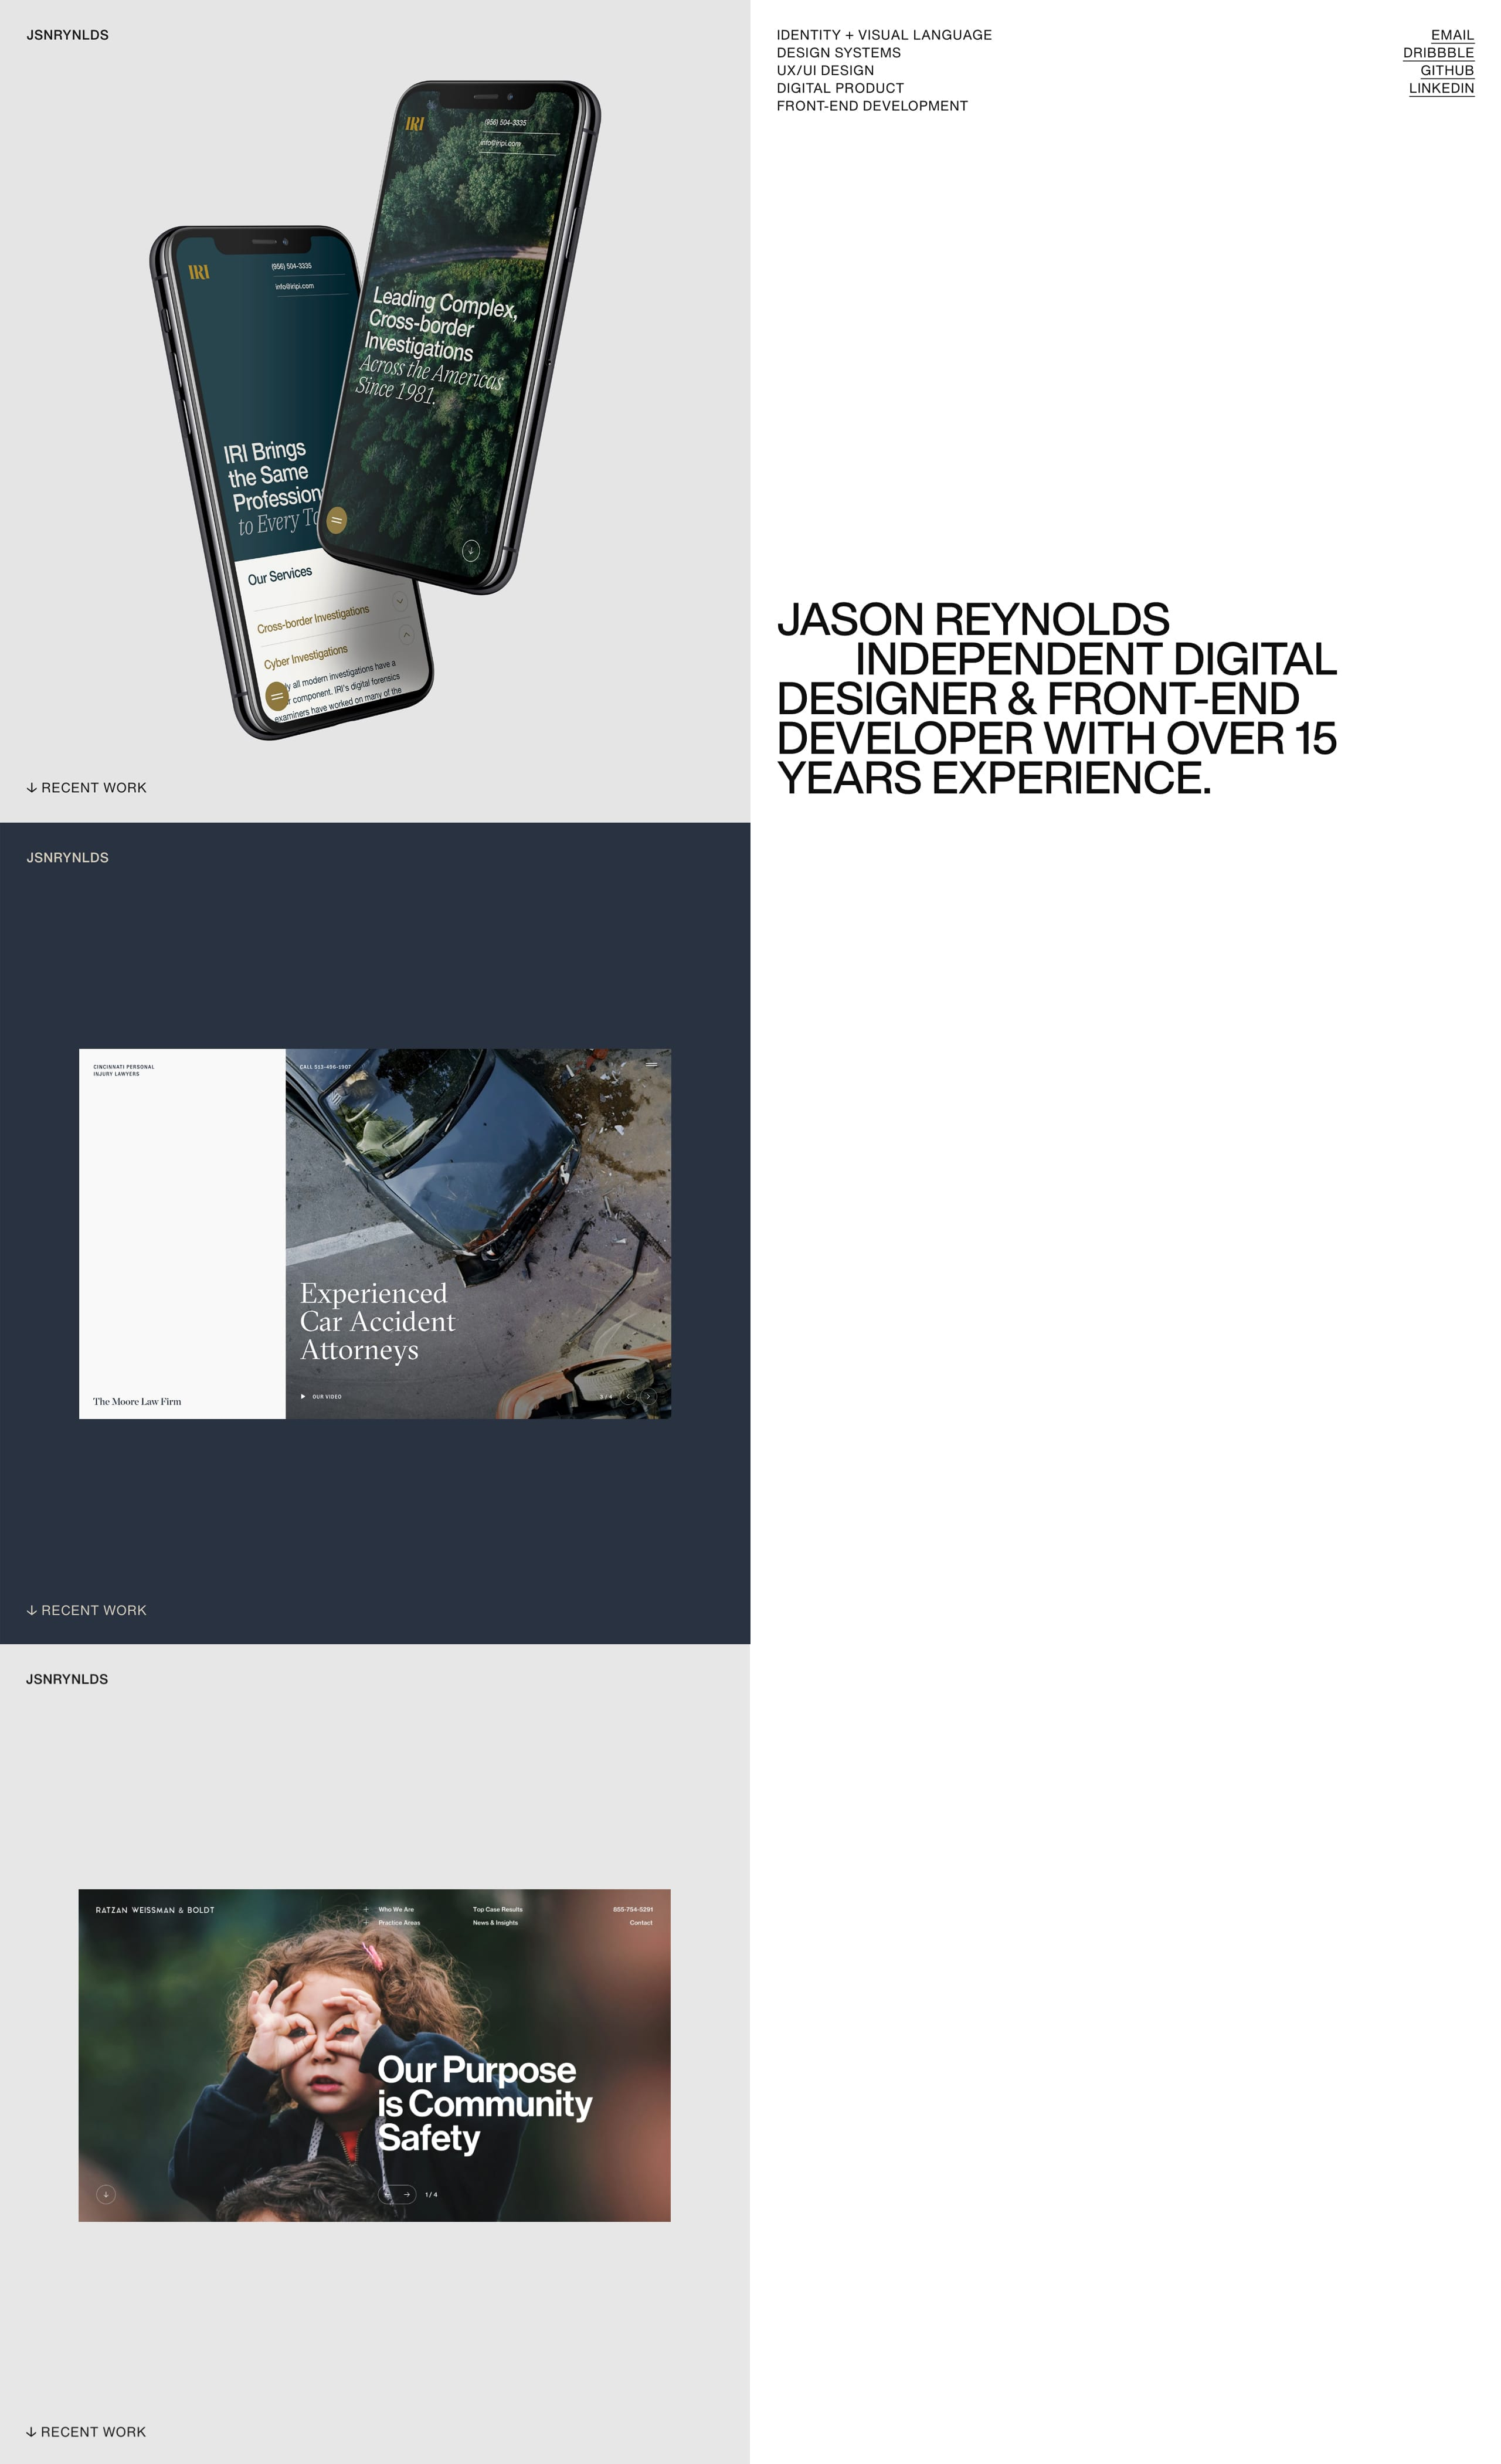 Jason Reynolds Website Screenshot